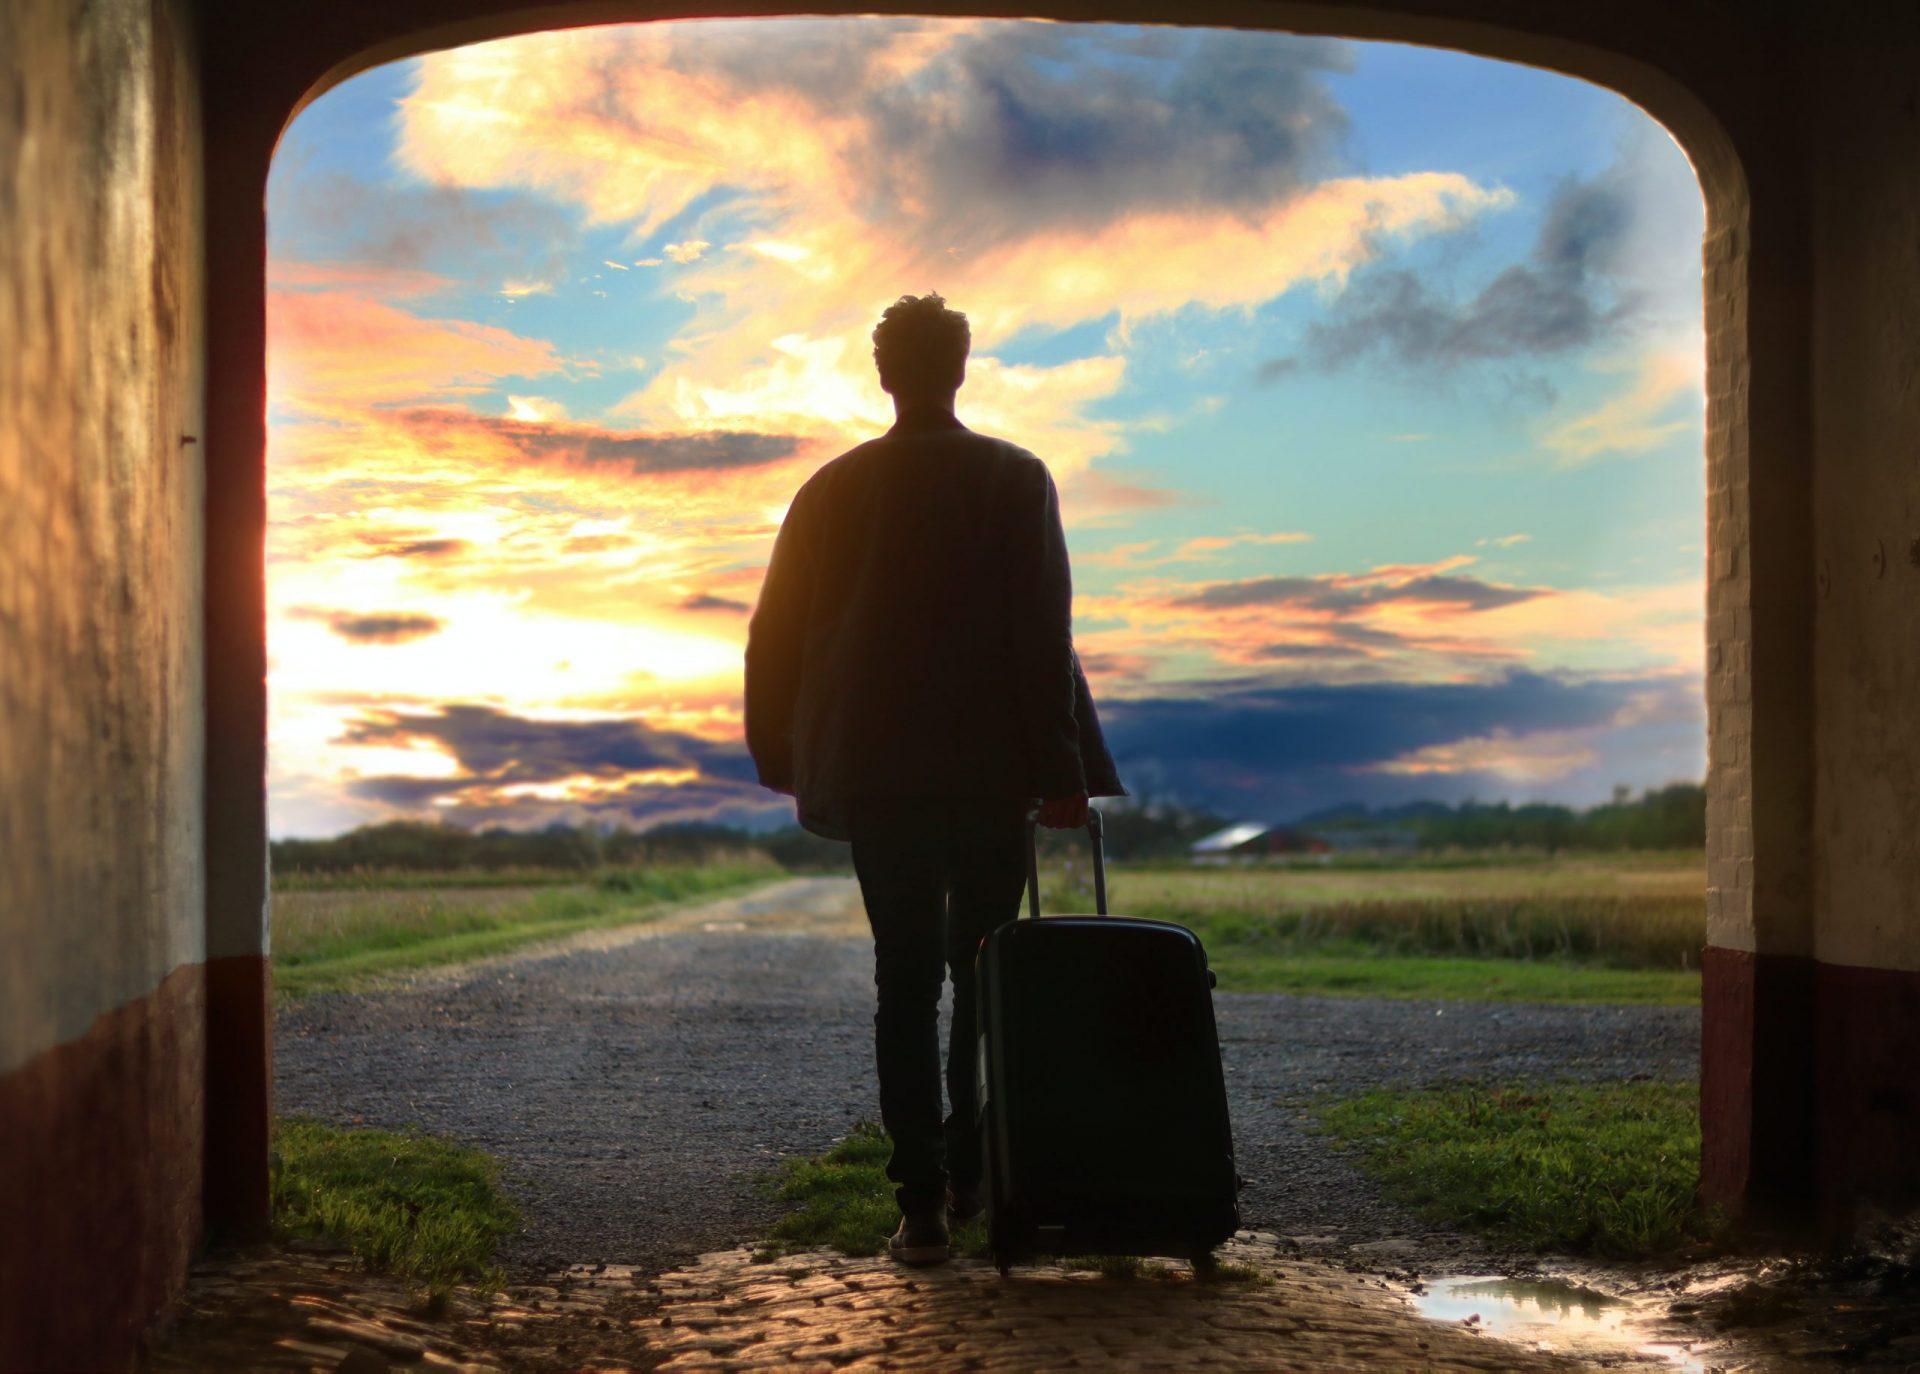 Топ-10 мифов об эмиграции и эмигрантах, которые популярны в России